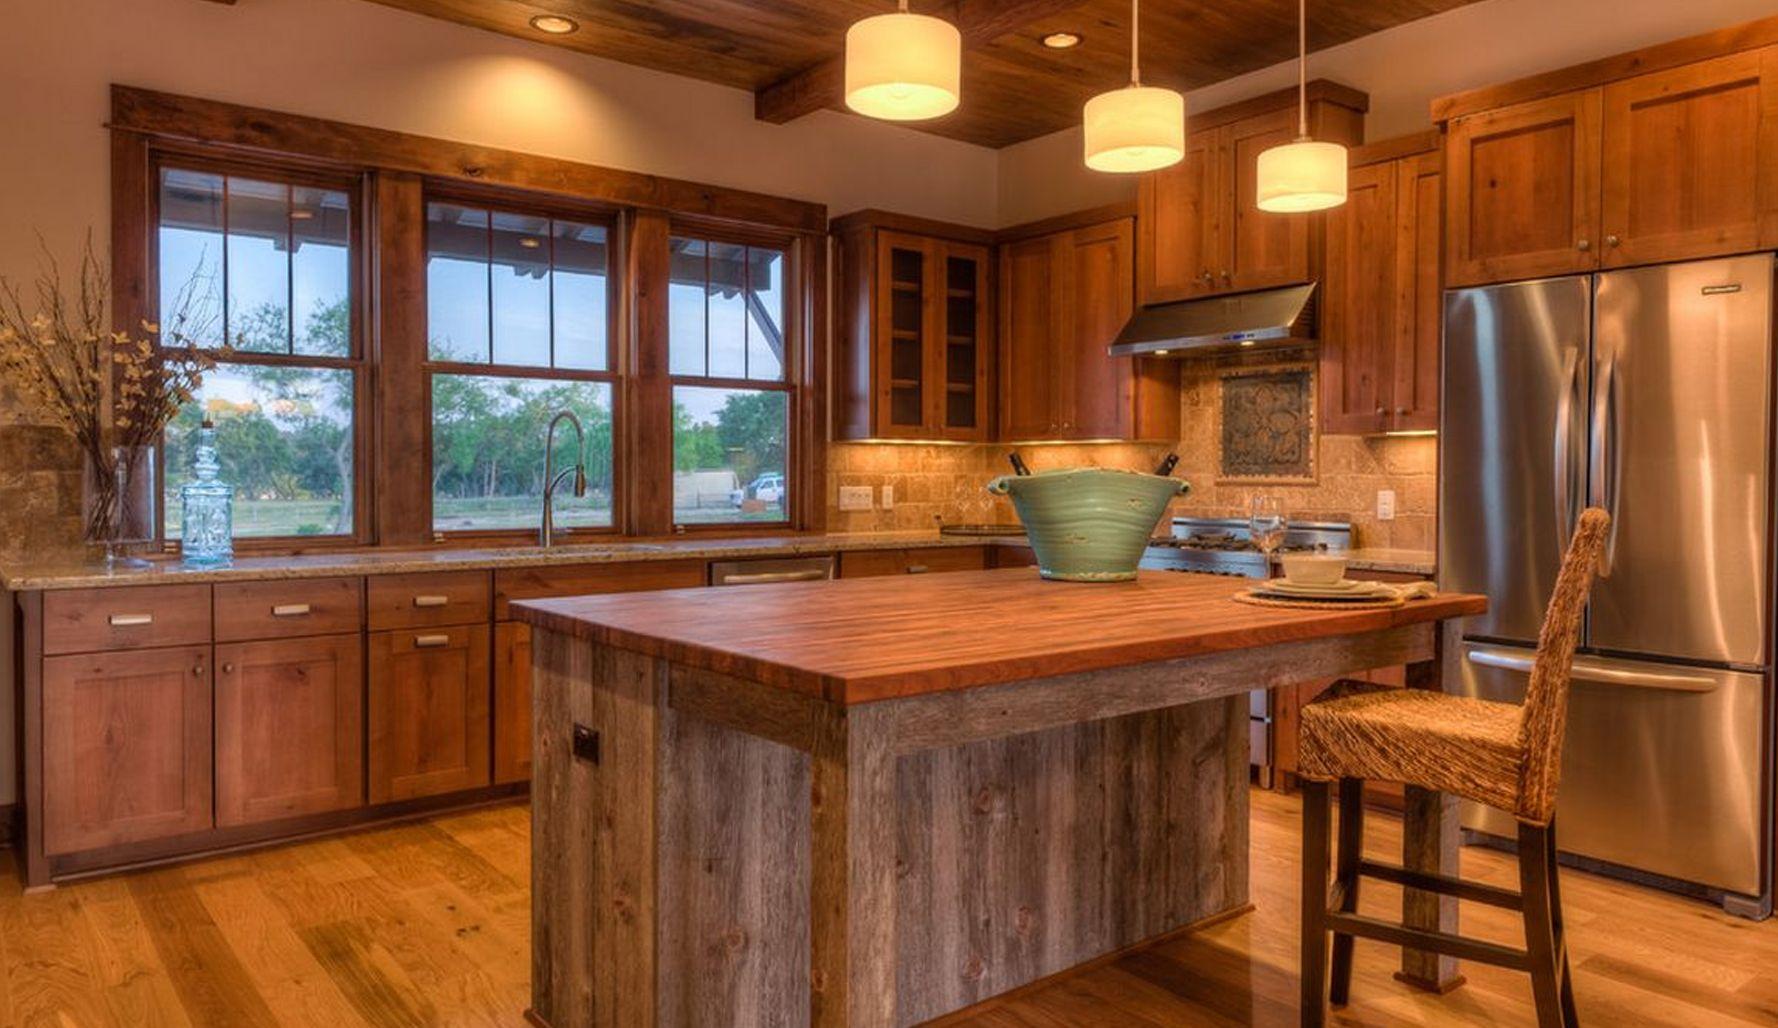 muebles de cocina rusticos buscar con google cocina rusticos muebles